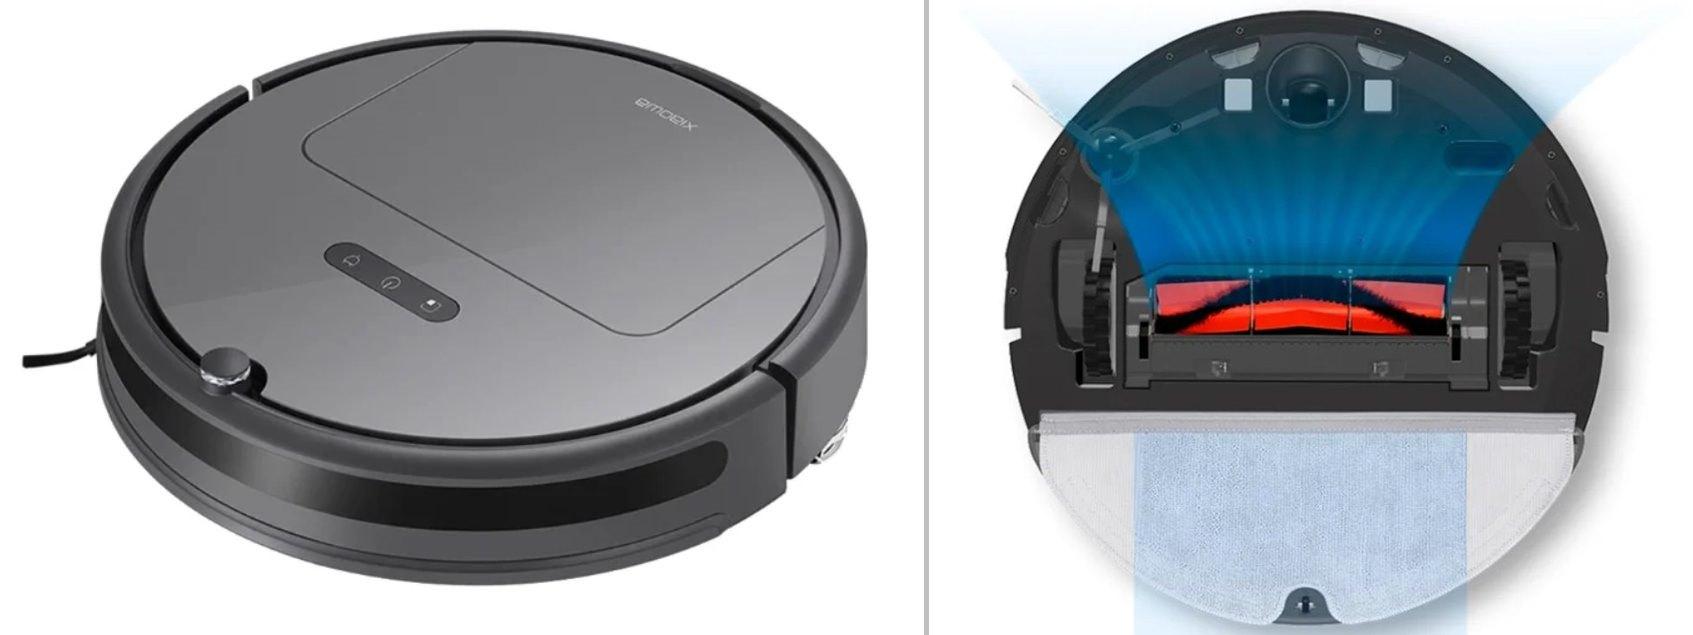 xiaomi xiaowa e35 robot vacuum cleaner lite - отзывы, инструкция